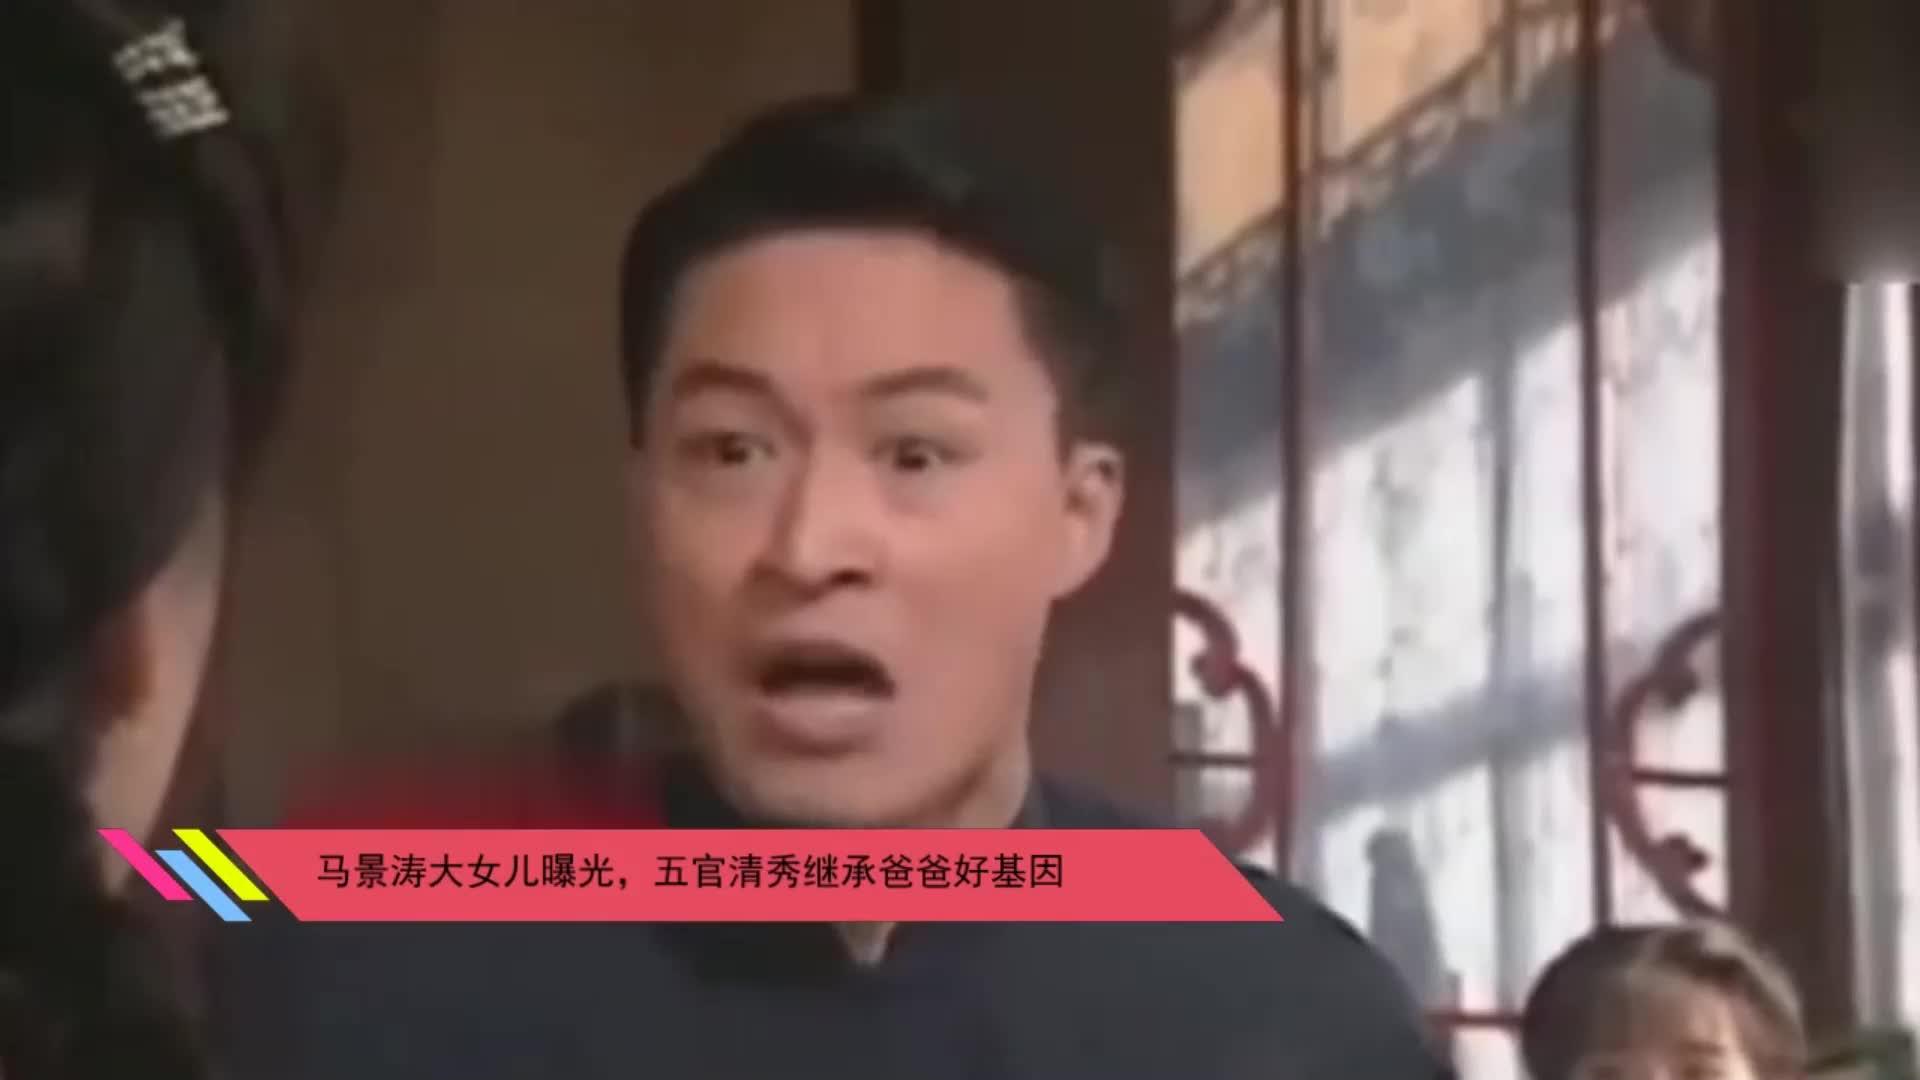 马景涛大女儿曝光五官清秀继承爸爸好基因